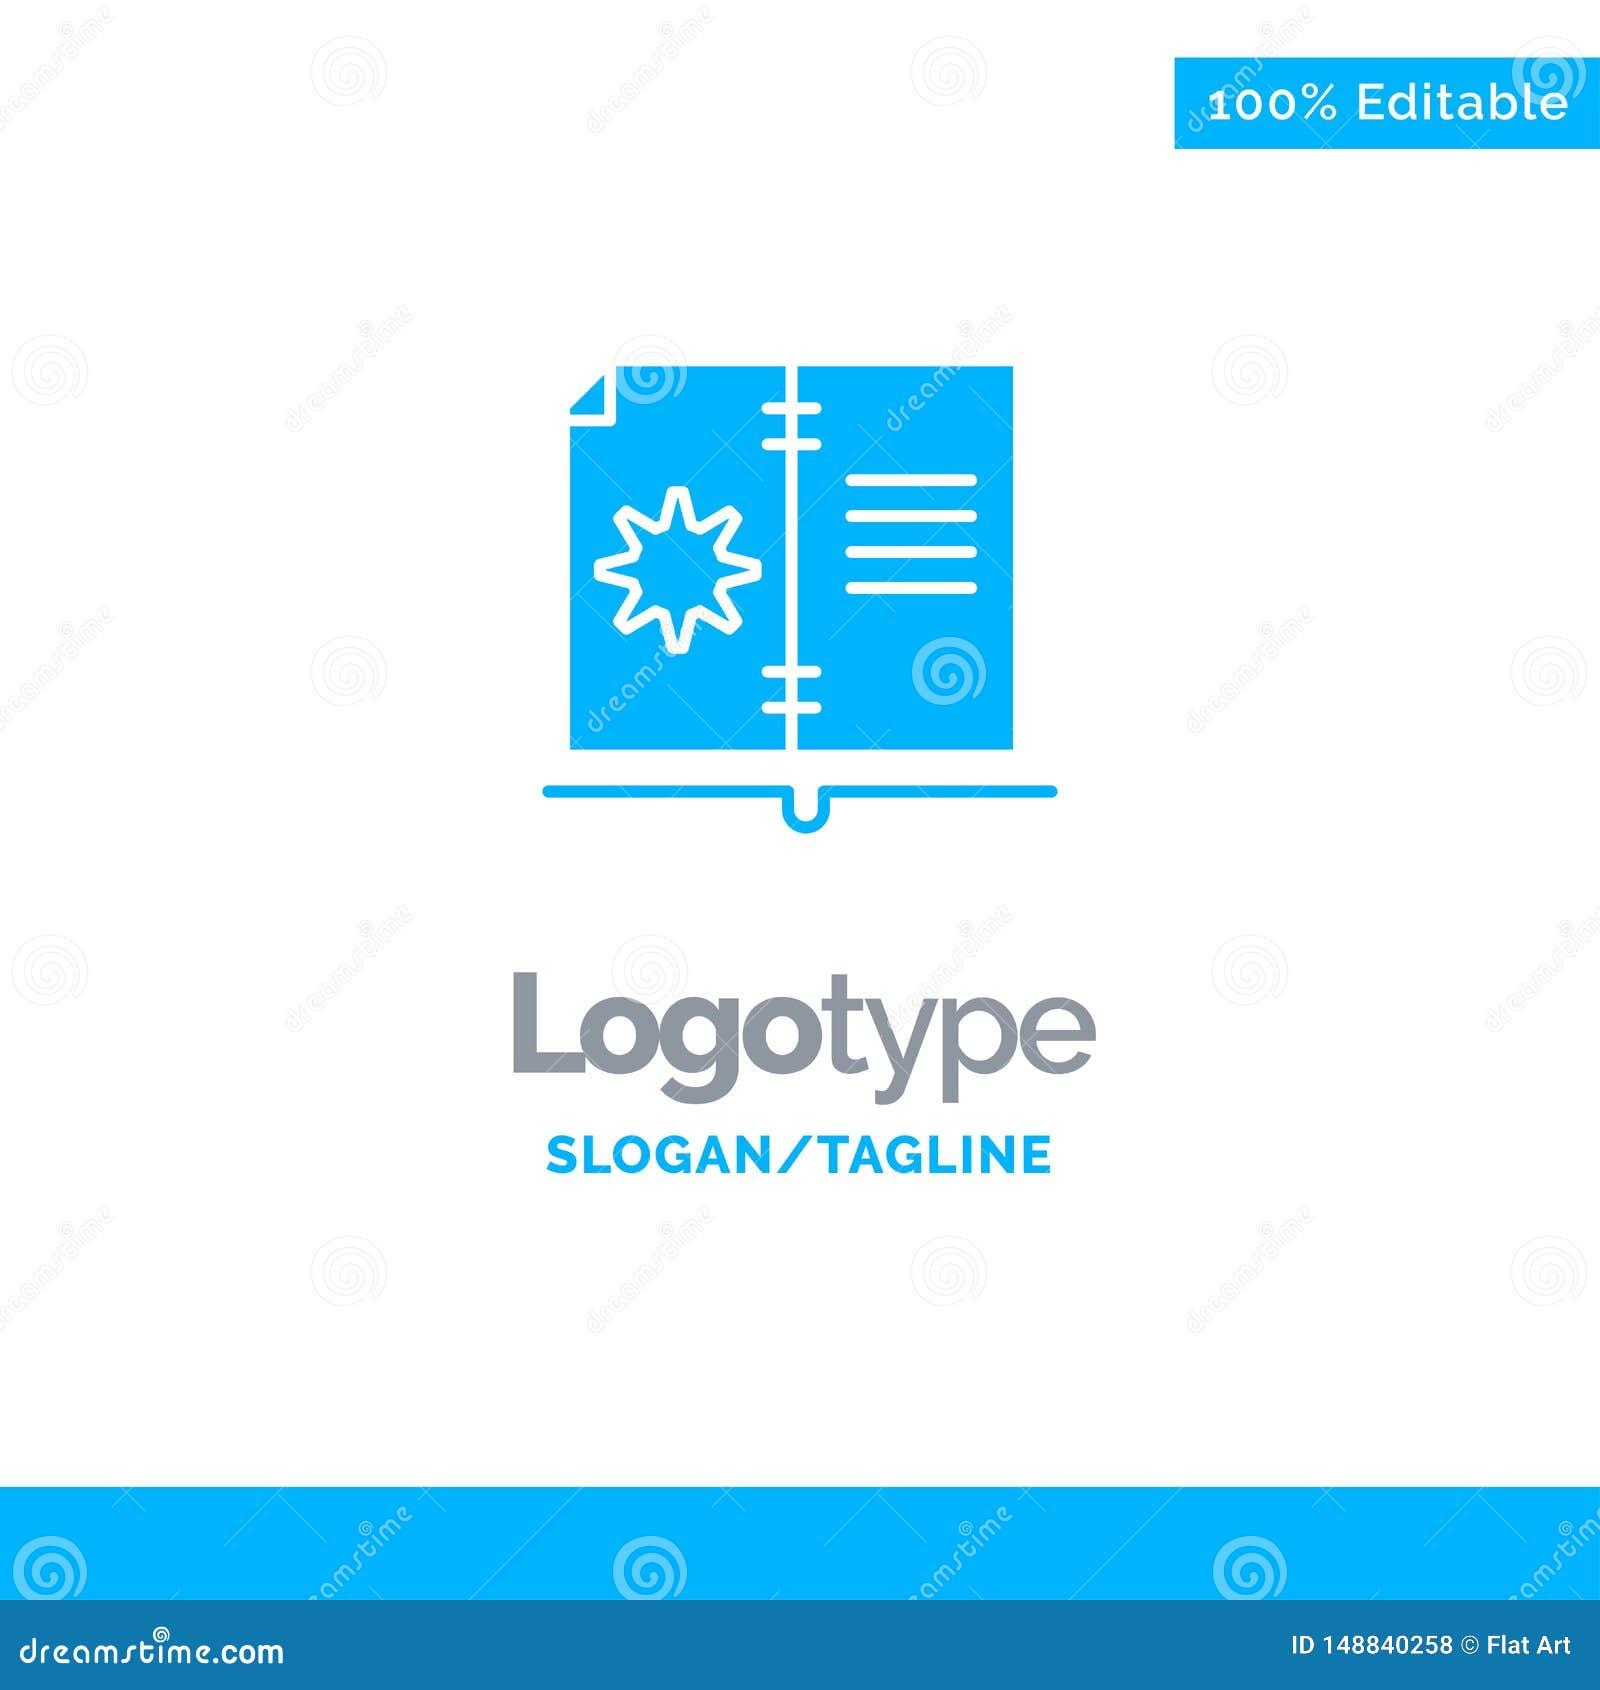 Βιβλίο, οδηγός, υλικό, μπλε στερεό πρότυπο λογότυπων οδηγίας r